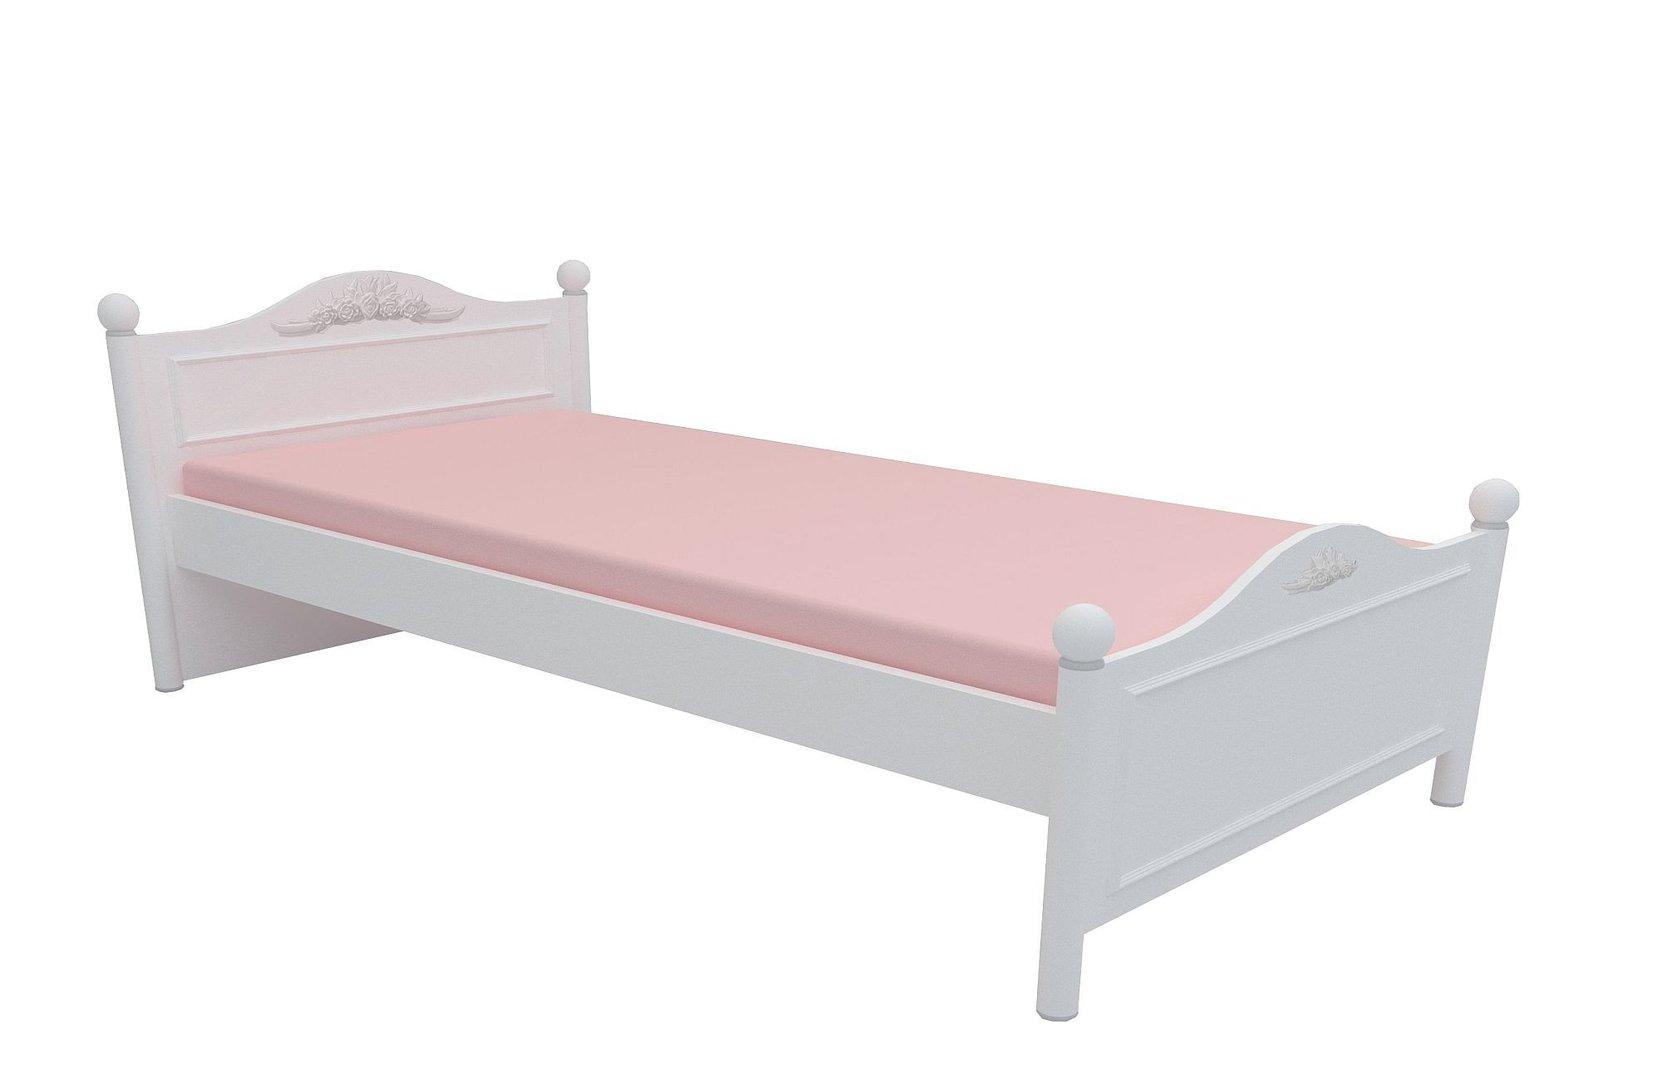 Full Size of Bymm Kinderbett Siena 120 200 Frei Haus 1 Kg Haribo Precogs Bett 120x200 Mit Matratze Und Lattenrost Bettkasten Betten Weiß Wohnzimmer Kinderbett 120x200